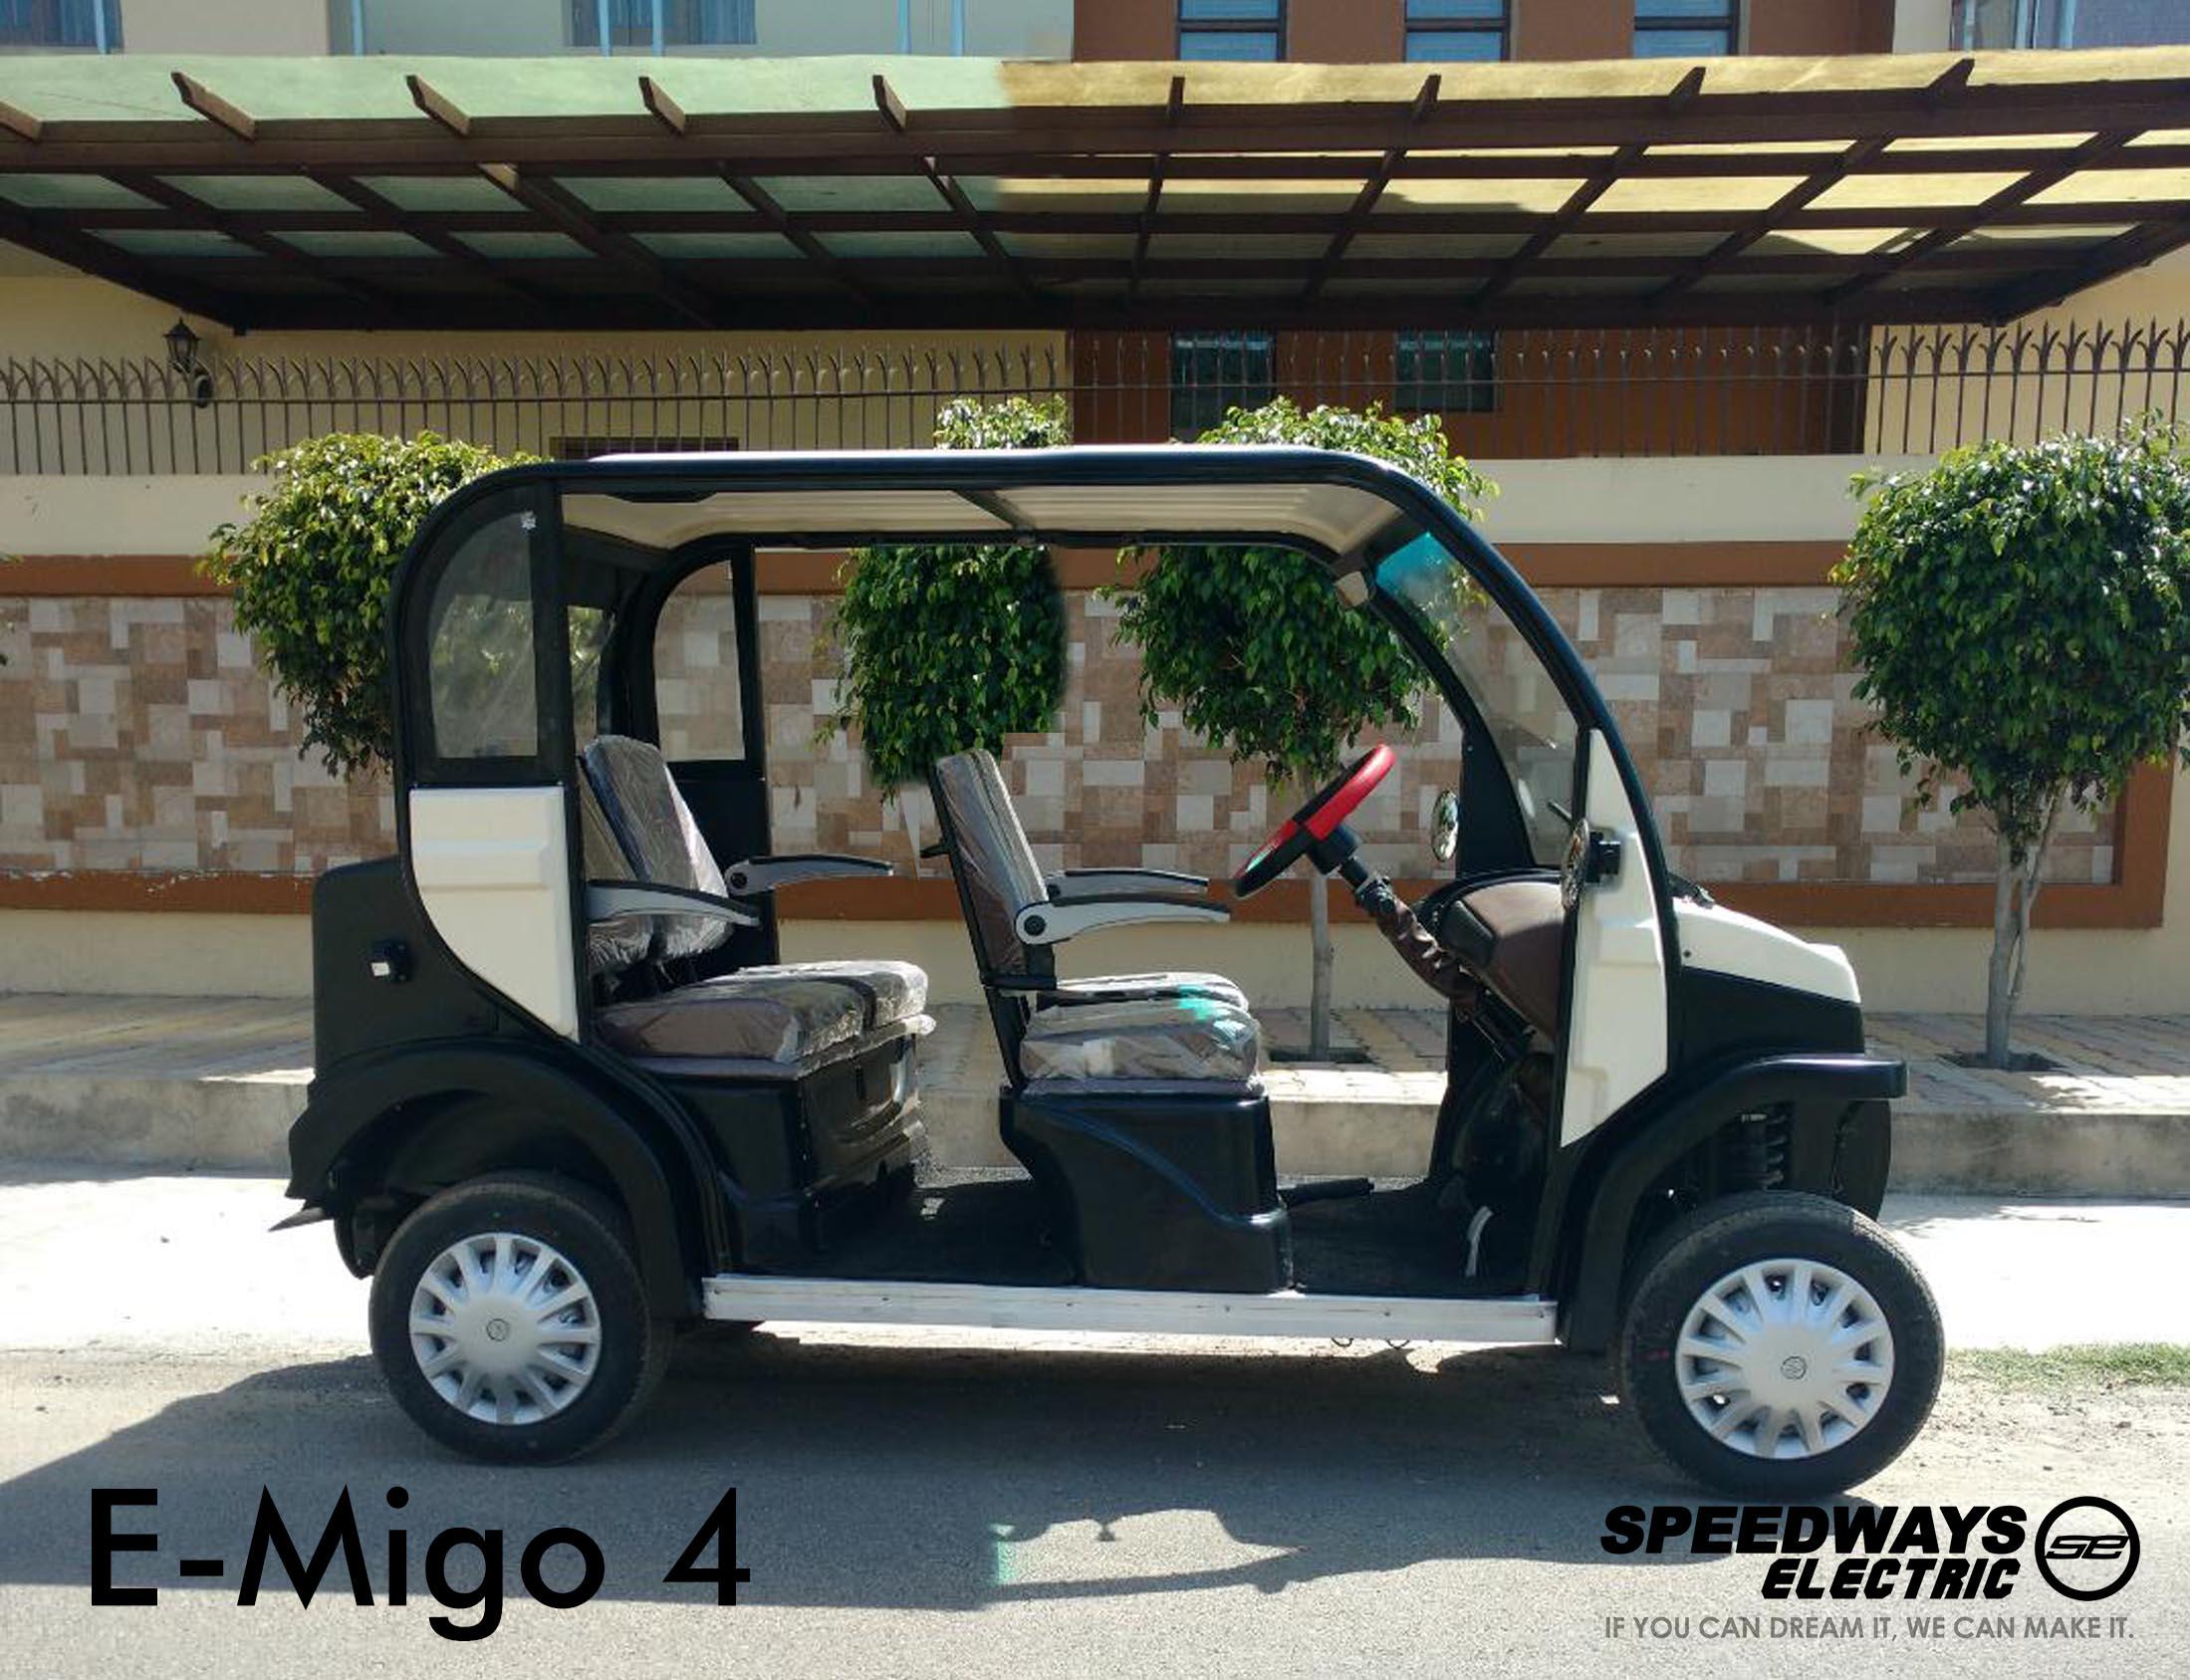 E-Migo 6